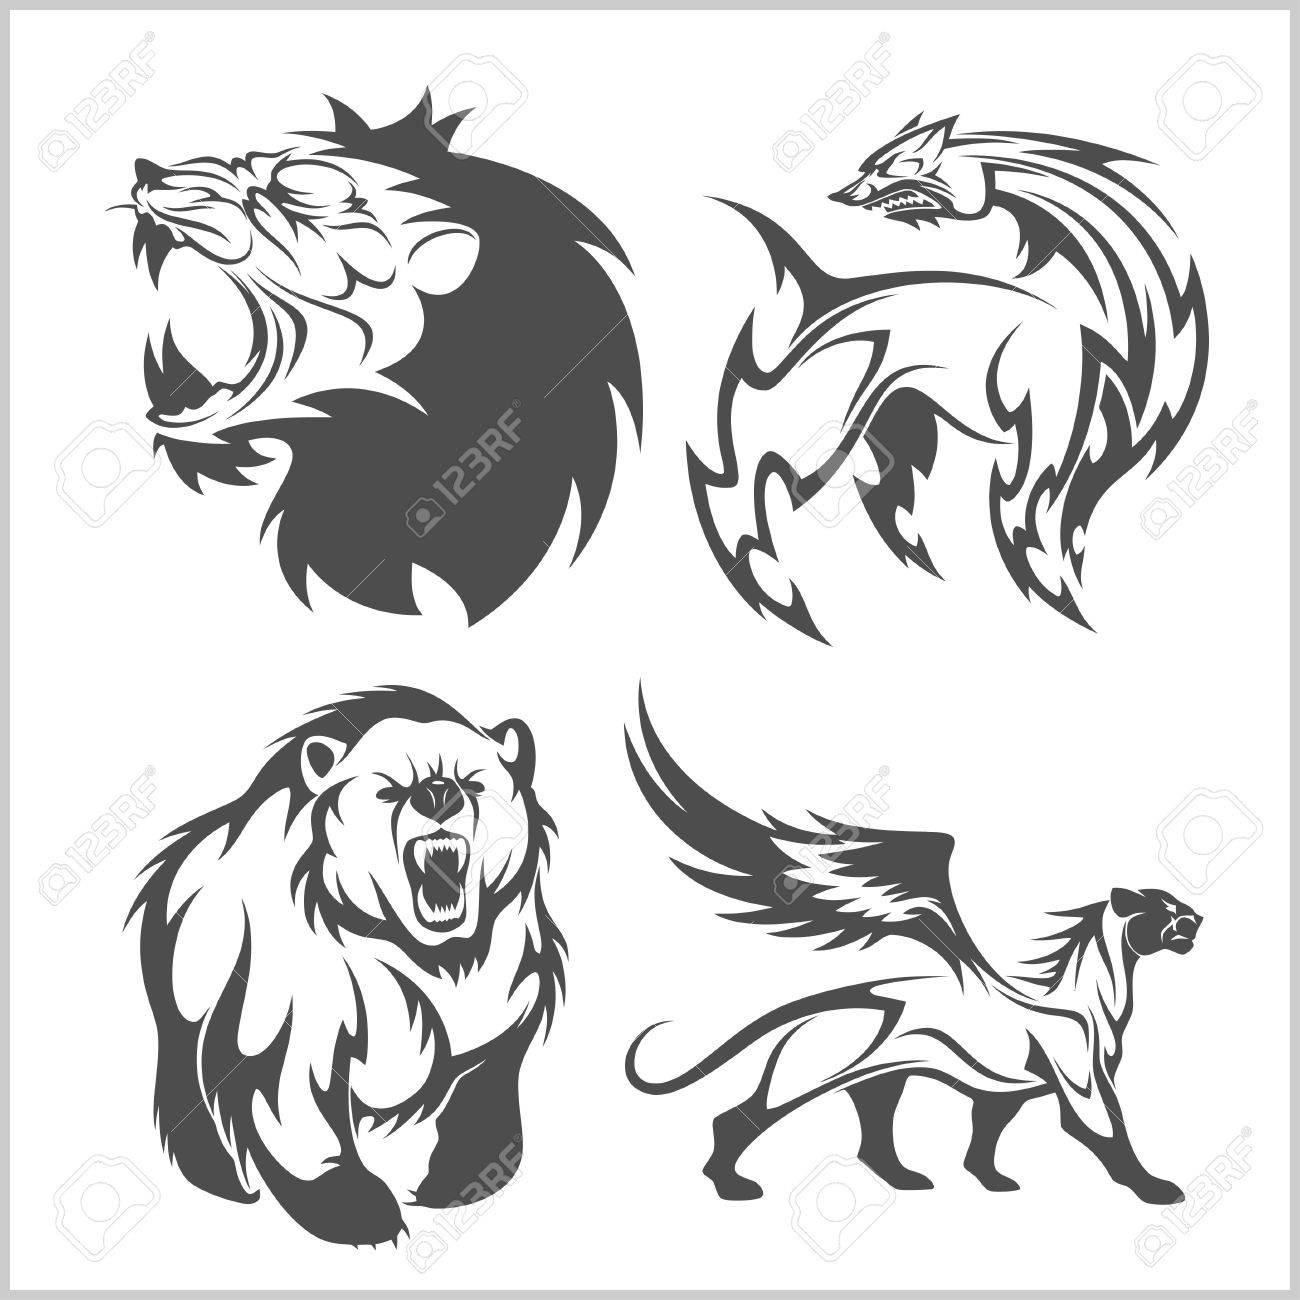 Cabeza De León Oso Tatuajes Cad Griffin Y Diseños En El Estilo